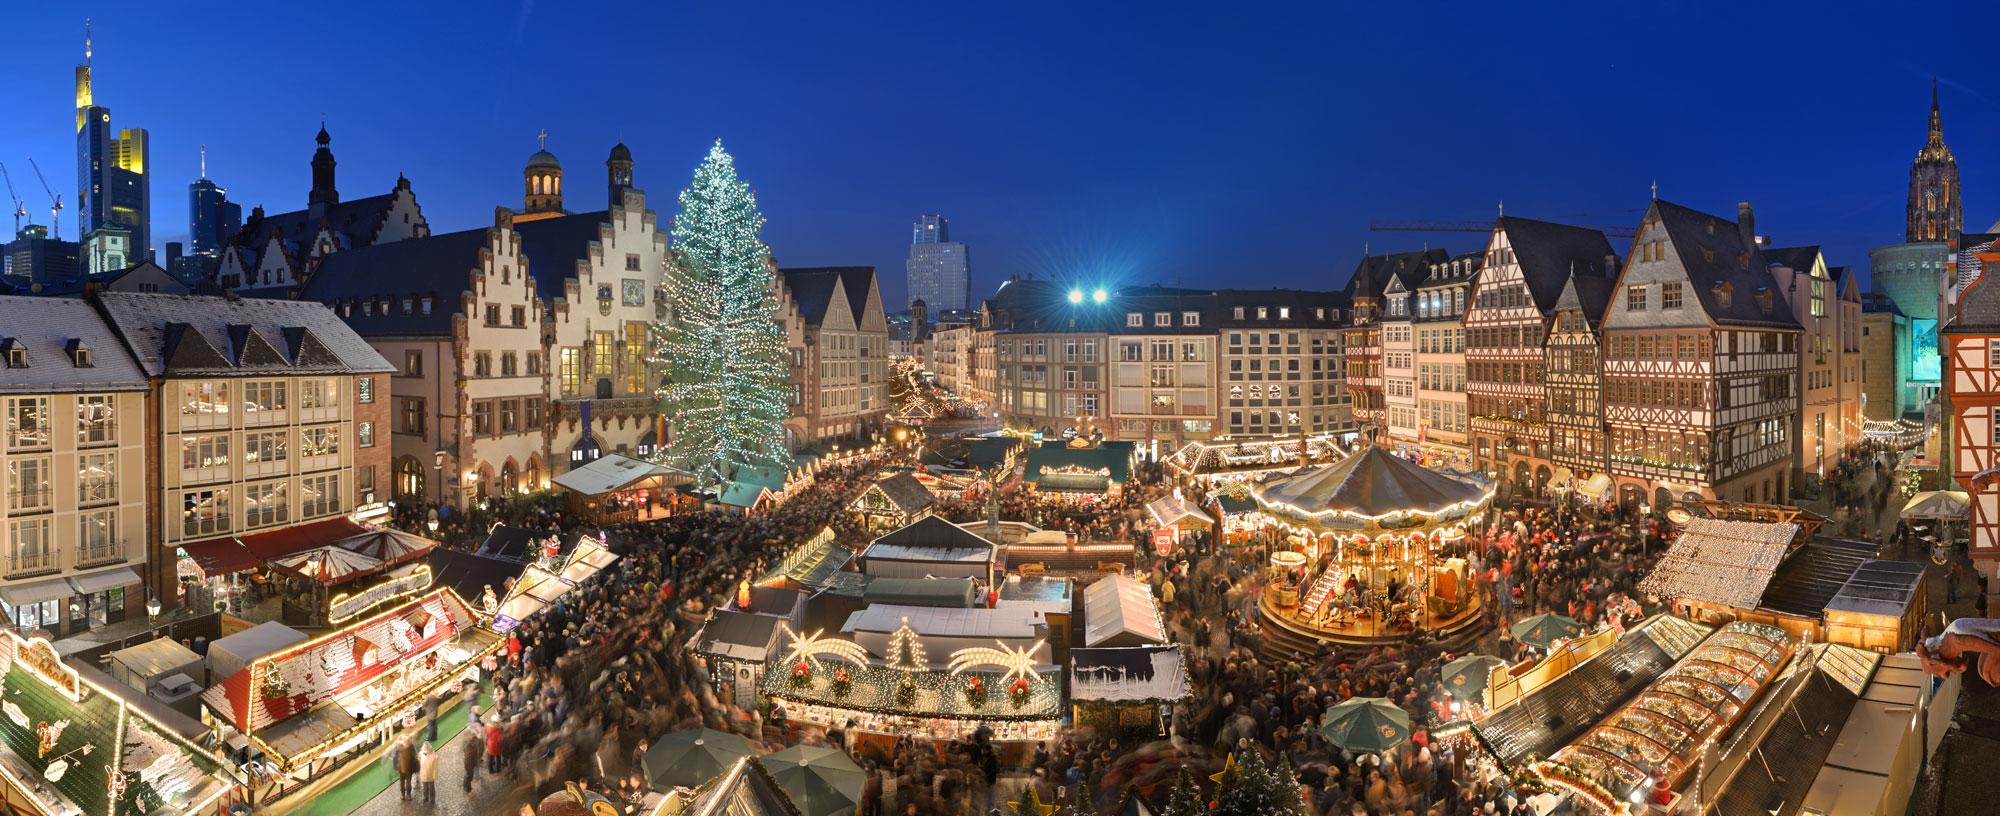 2013 frankfurt-tourismus